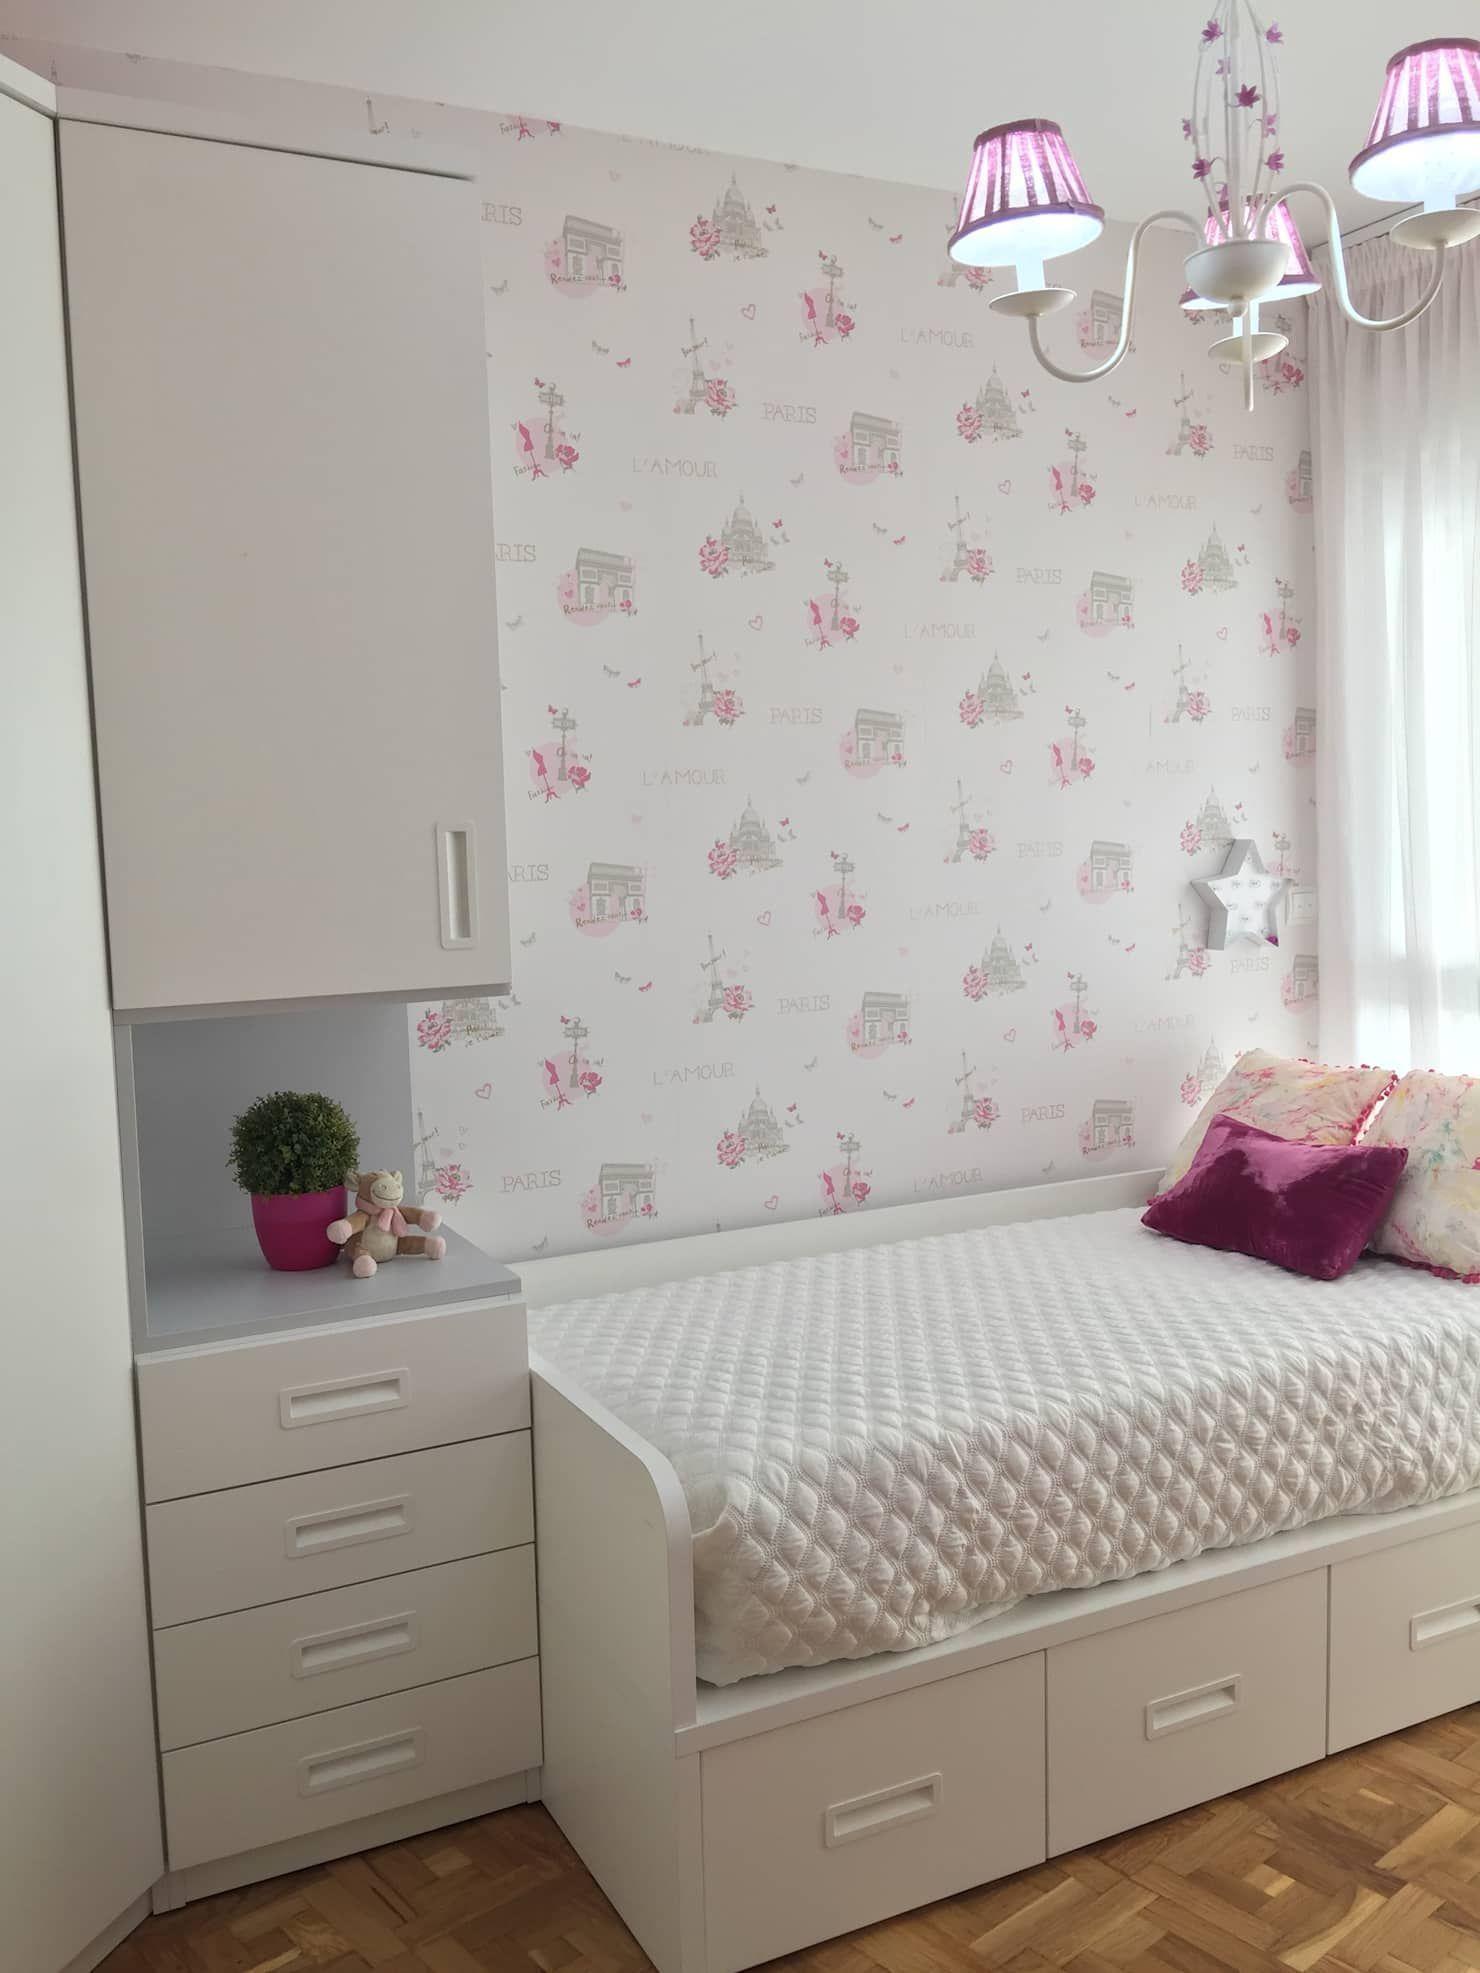 Nội thất phòng ngủ nhỏ đơn giản 4